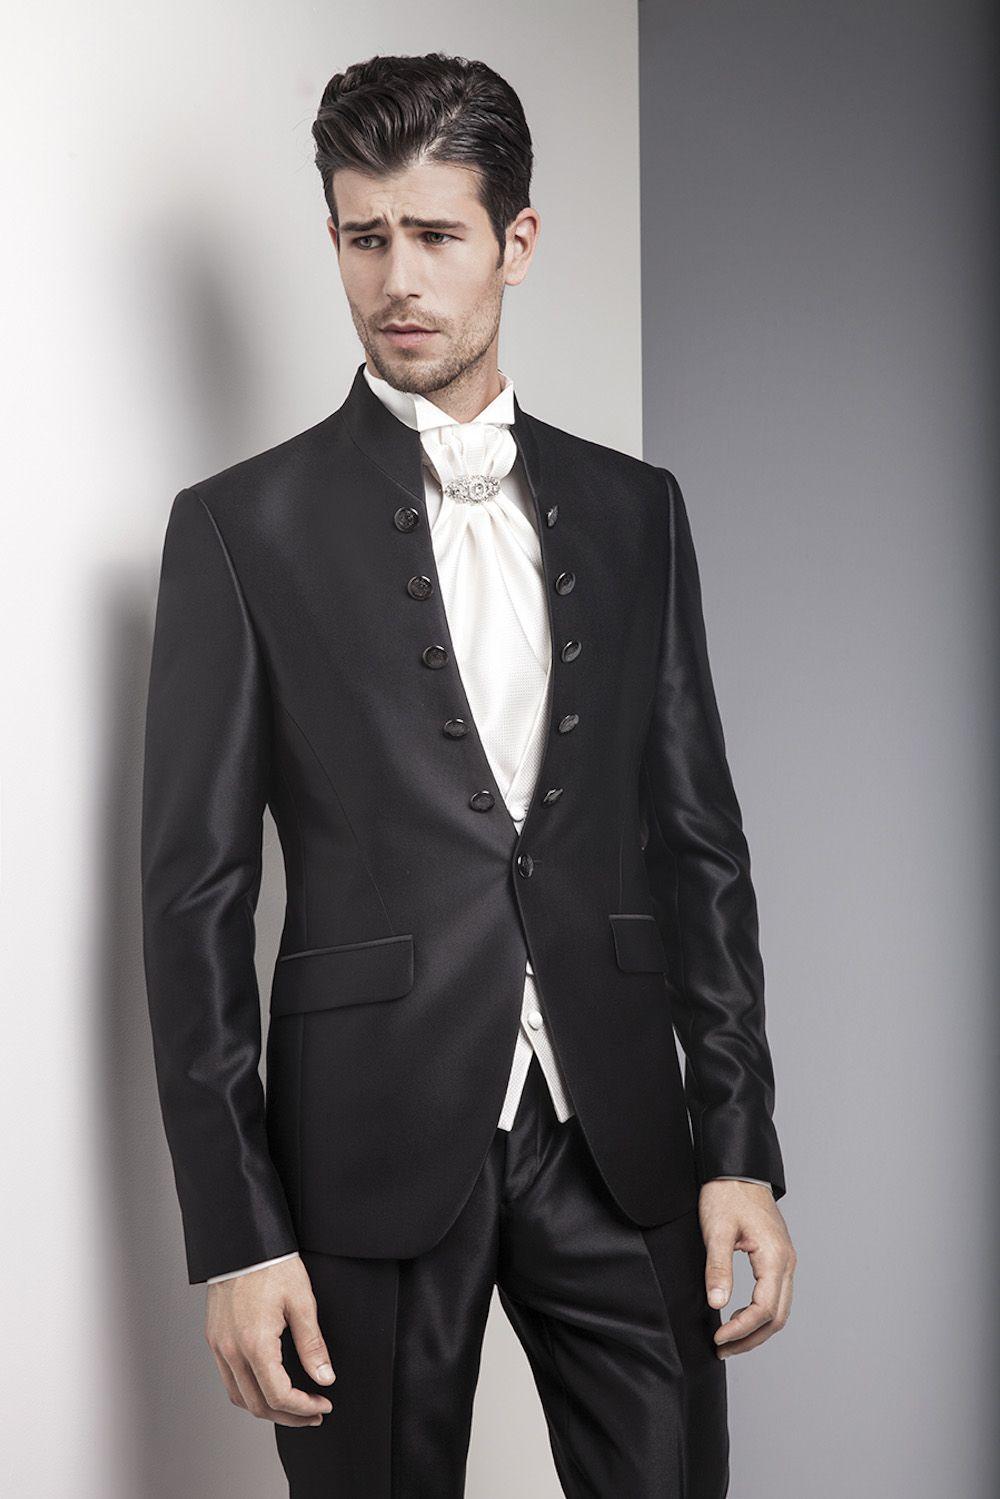 carlo pignatelli Google Search Prom suits, Prom suit